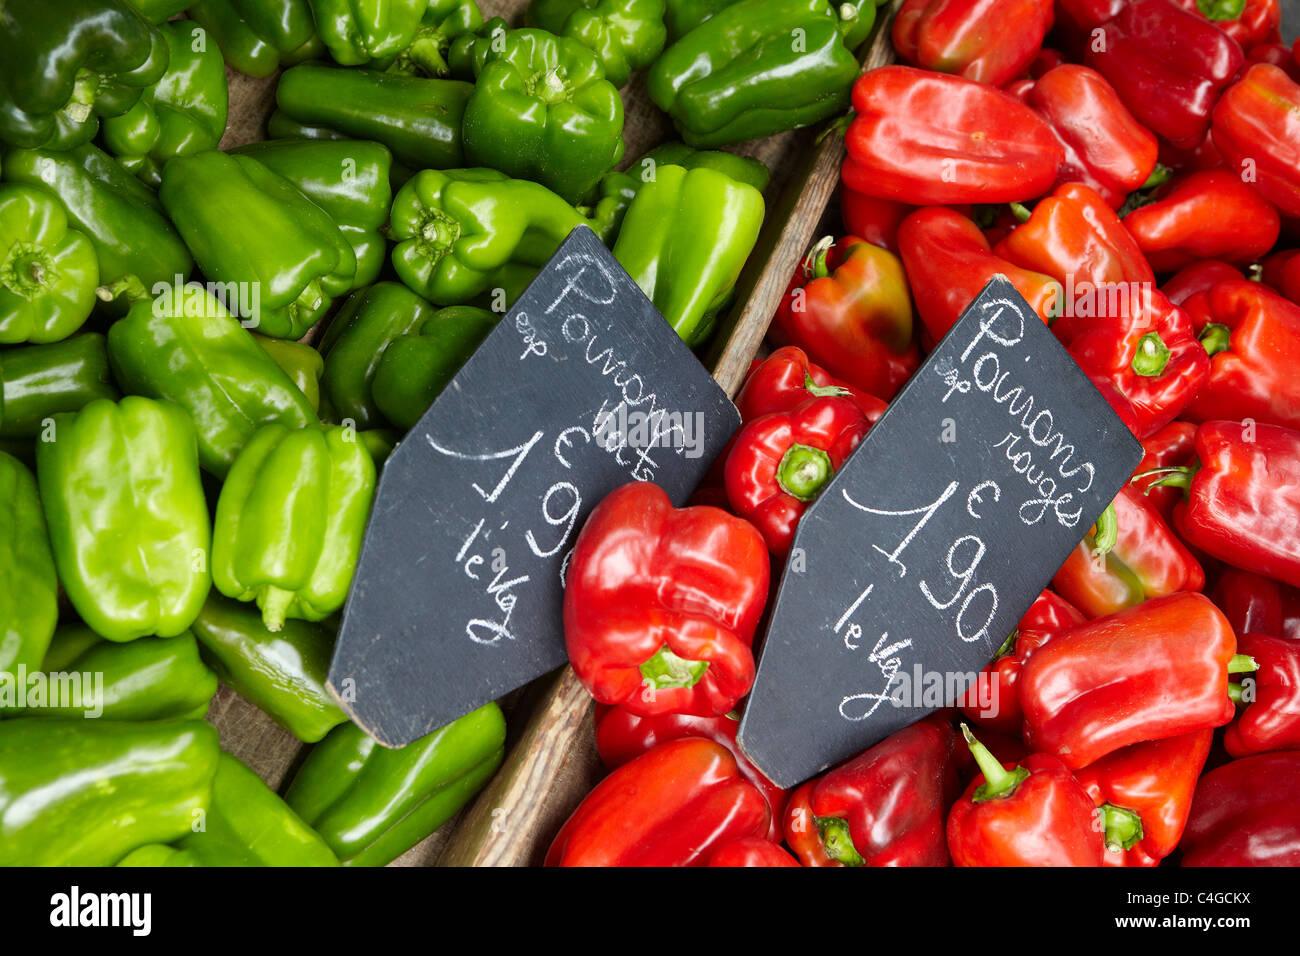 vegetables in the market at Revel, Haute-Garonne, Midi-Pyrenees, France - Stock Image